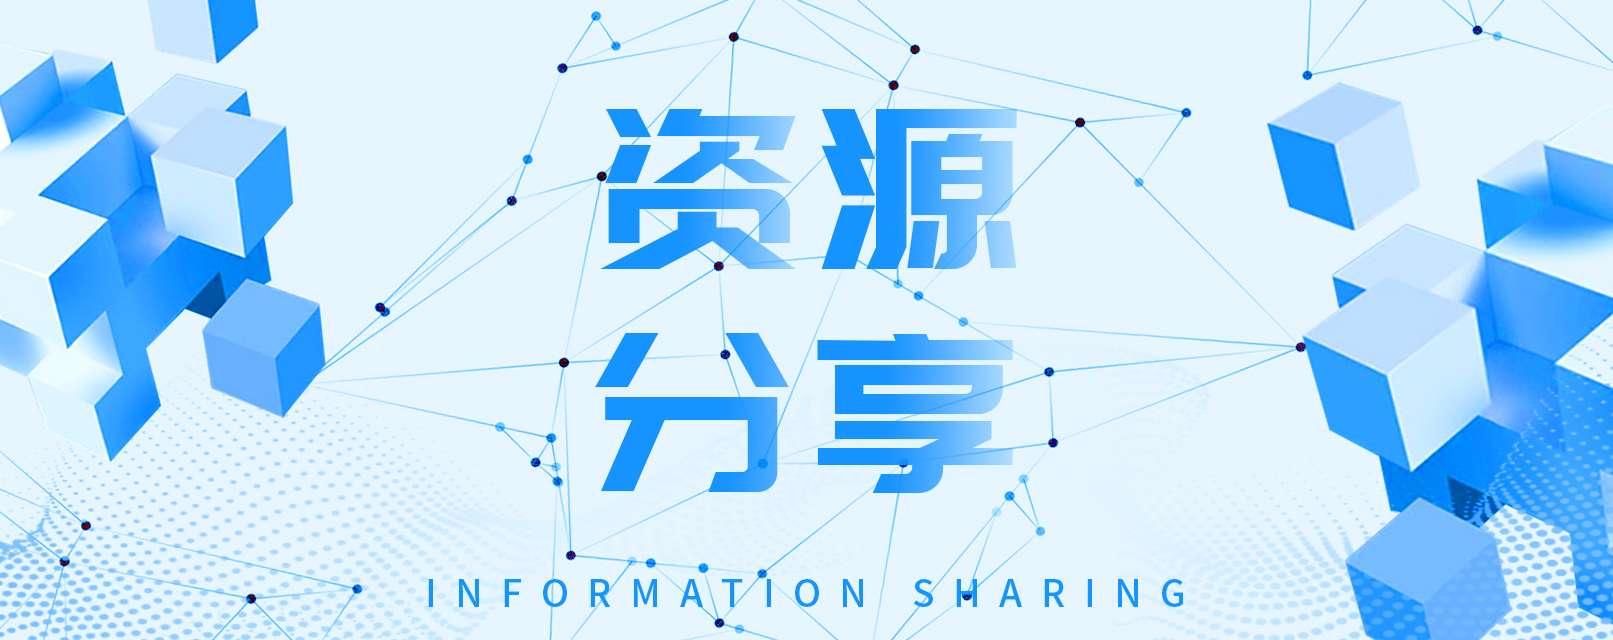 【资源分享】wifi密码 汉化版 让你得到你想要的信息